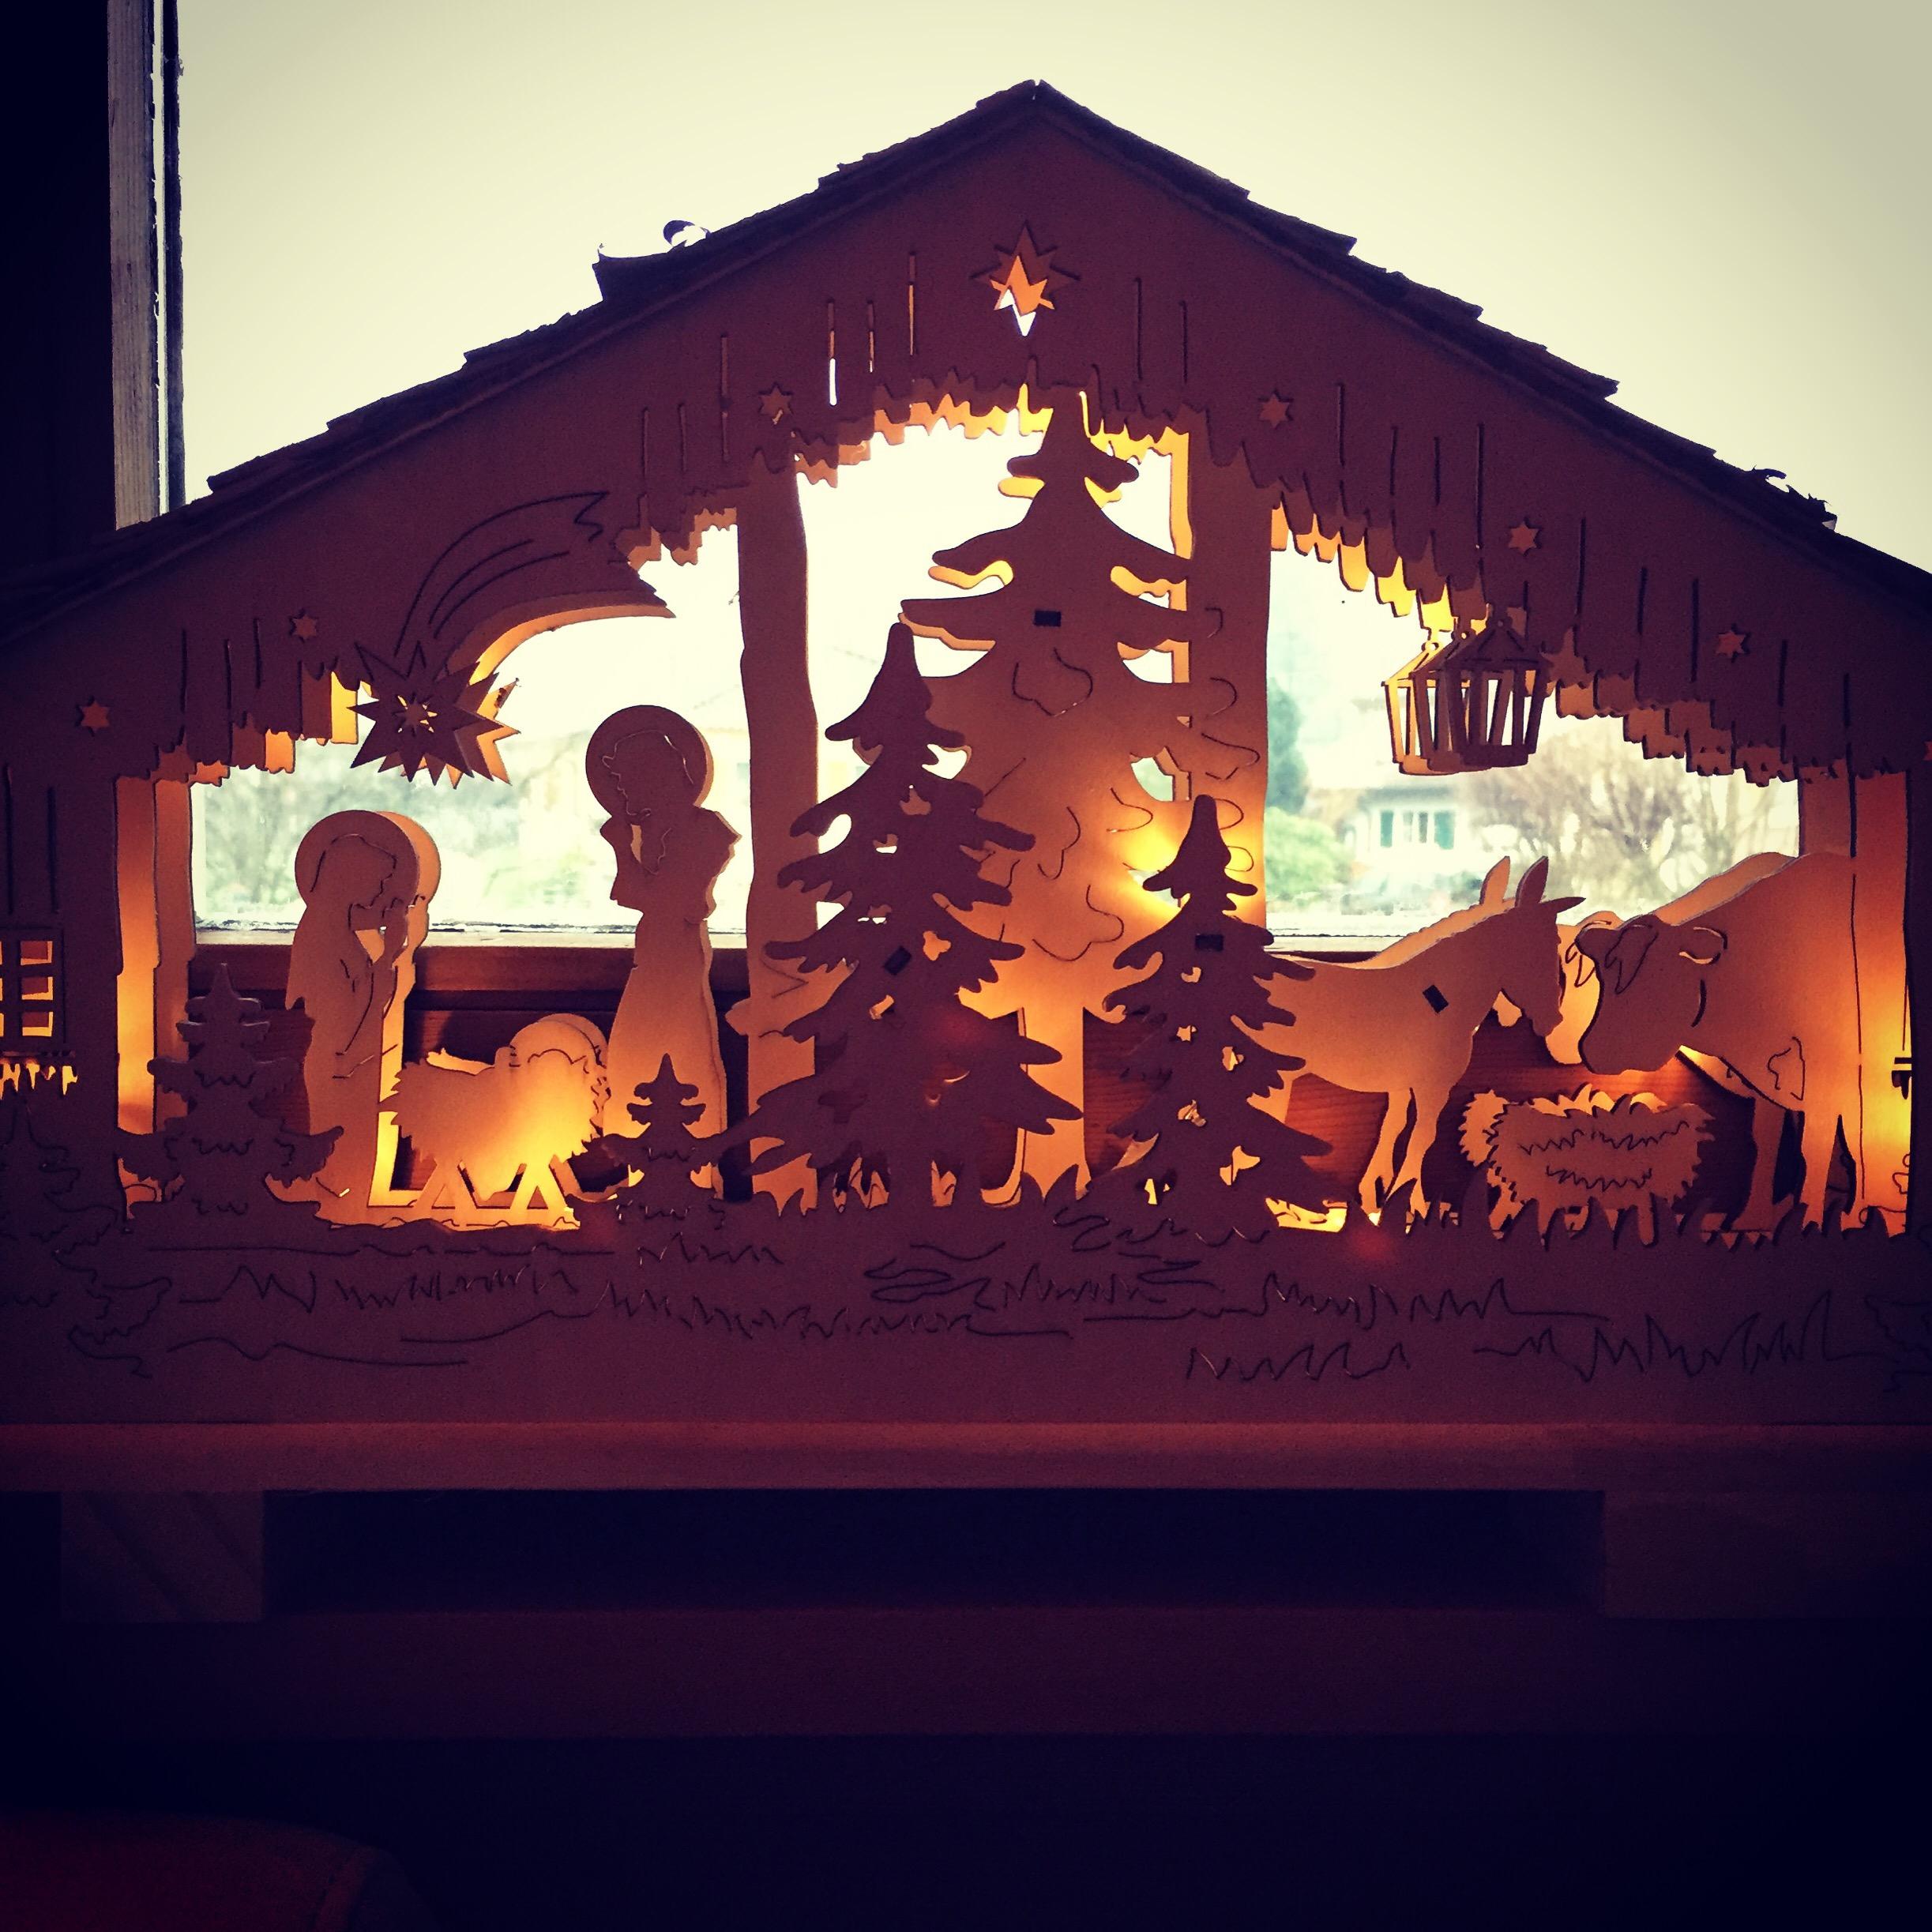 Dit houten kerststalletje kochten we ooit eens in uitverkoop. Ik vind hem leuk!